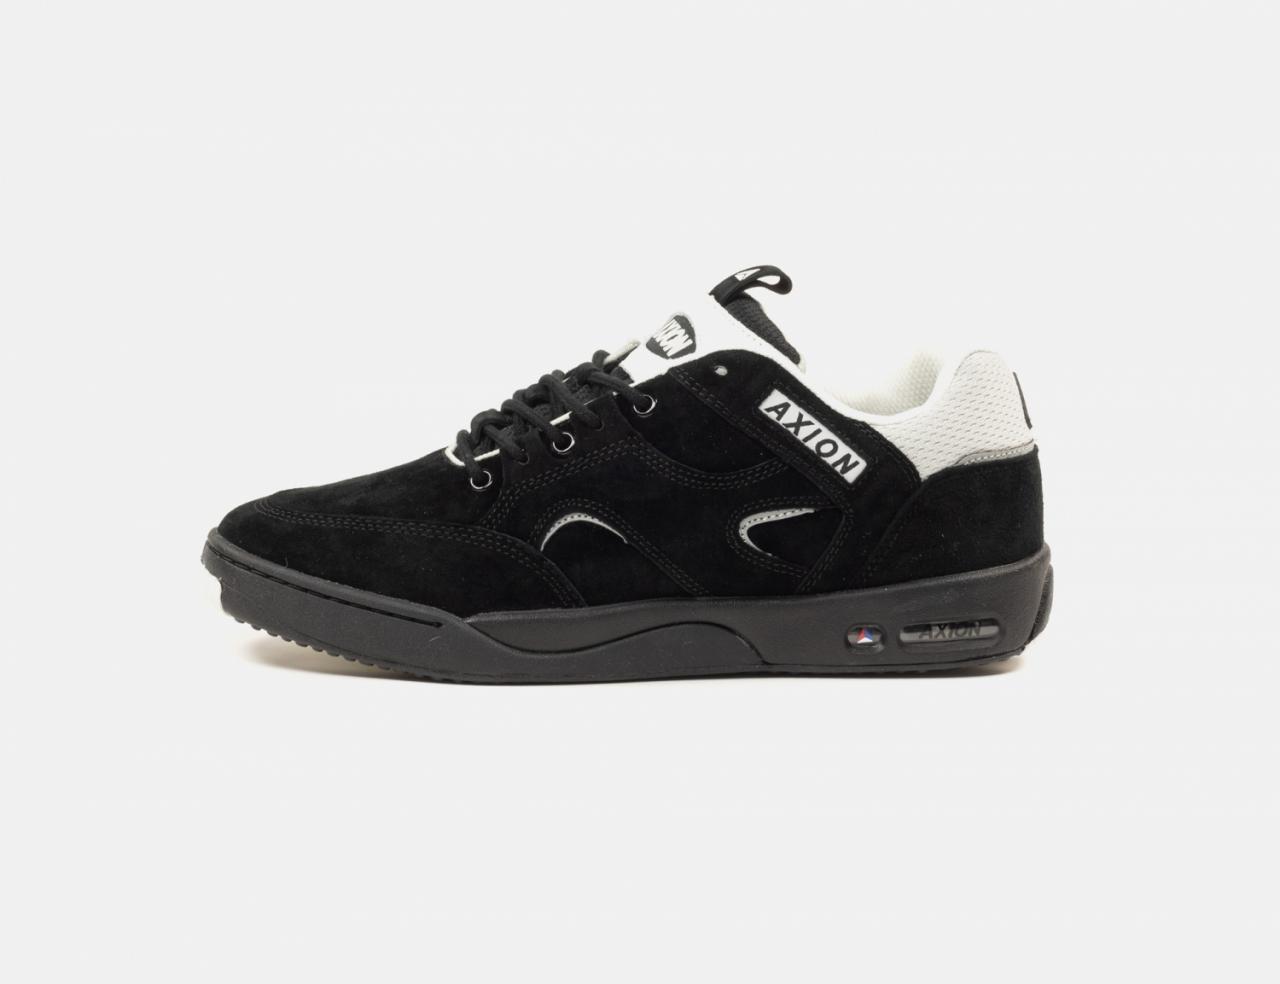 Axion Footwear Genesis OG - Black / Silvery